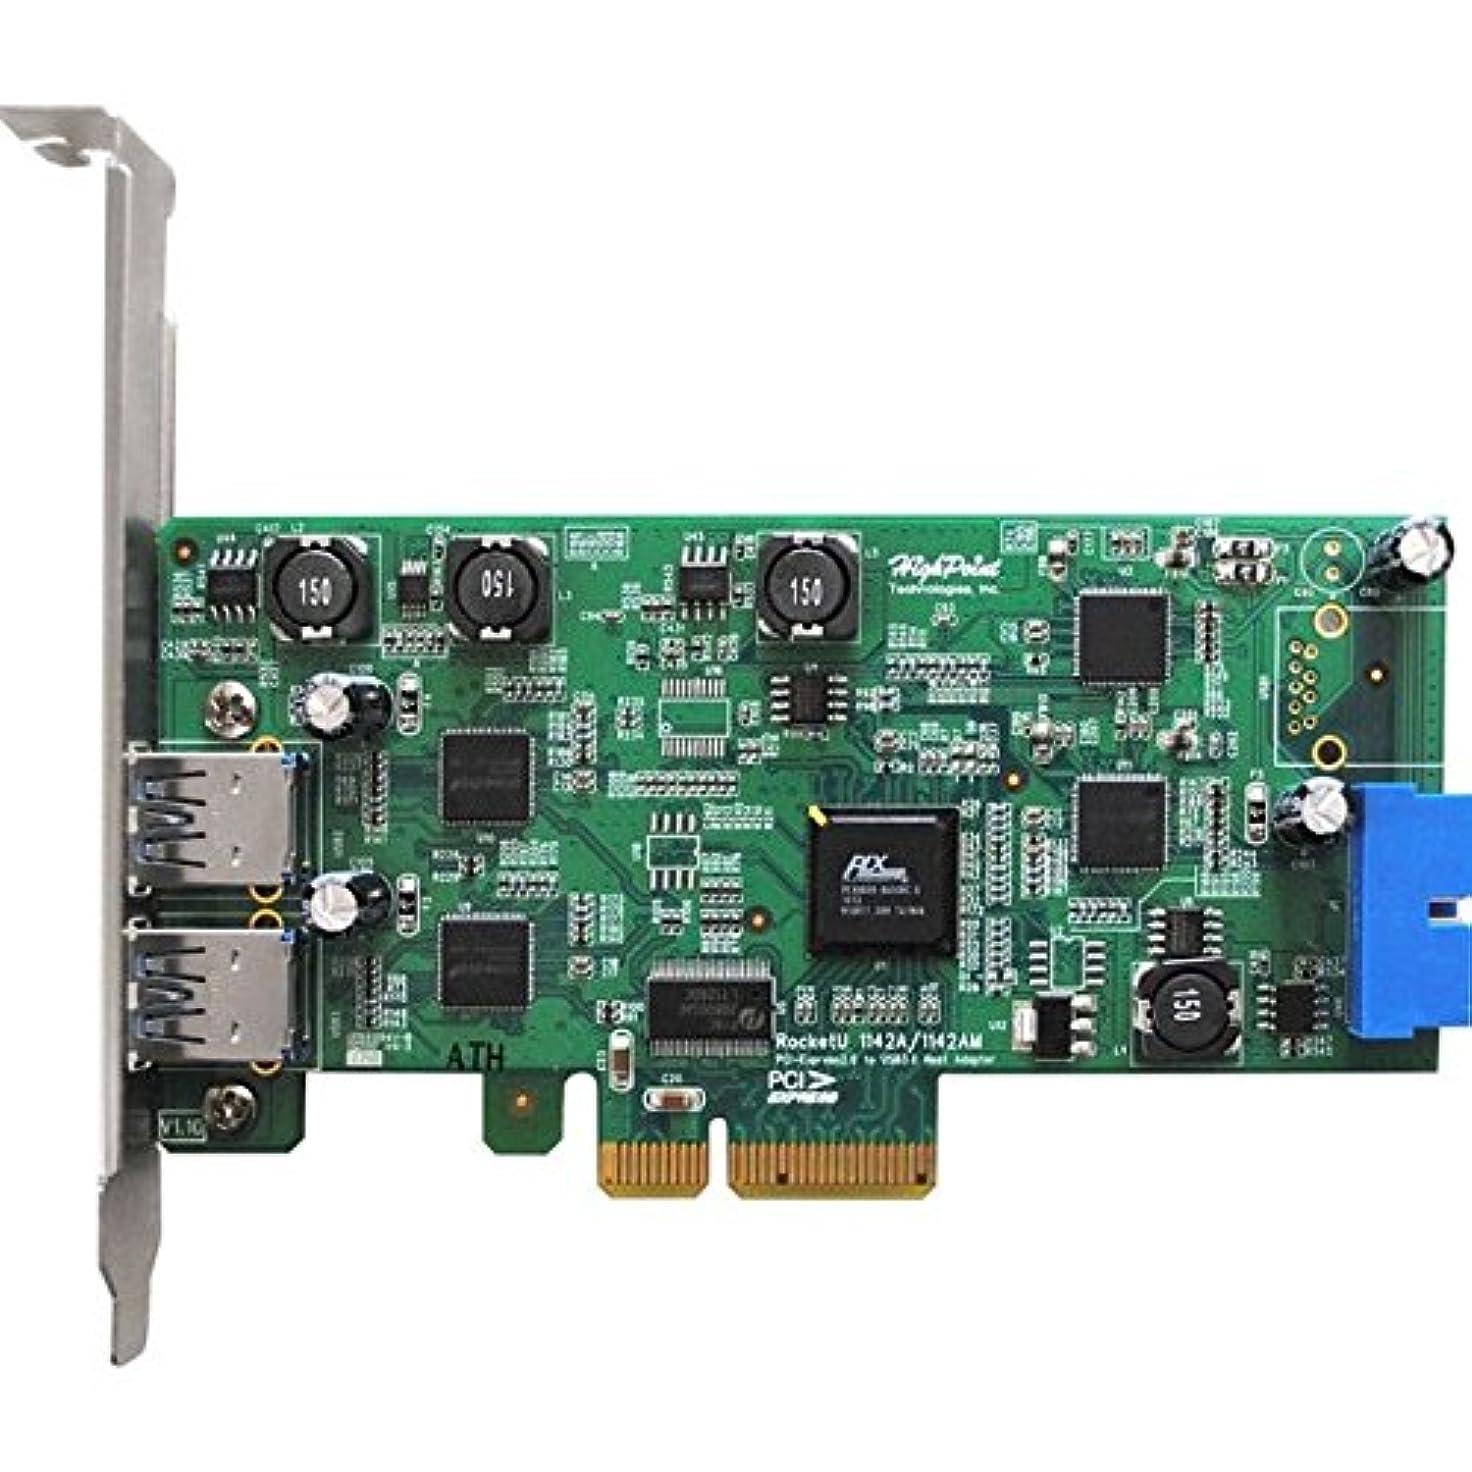 ロッド構成契約したHighPoint RocketU 1142 A USB 3.0 HBA – PCI Express 2.0 x4 – プラグインカード – 3 USBポート( S ) – 3 USB 3.0ポート( S )